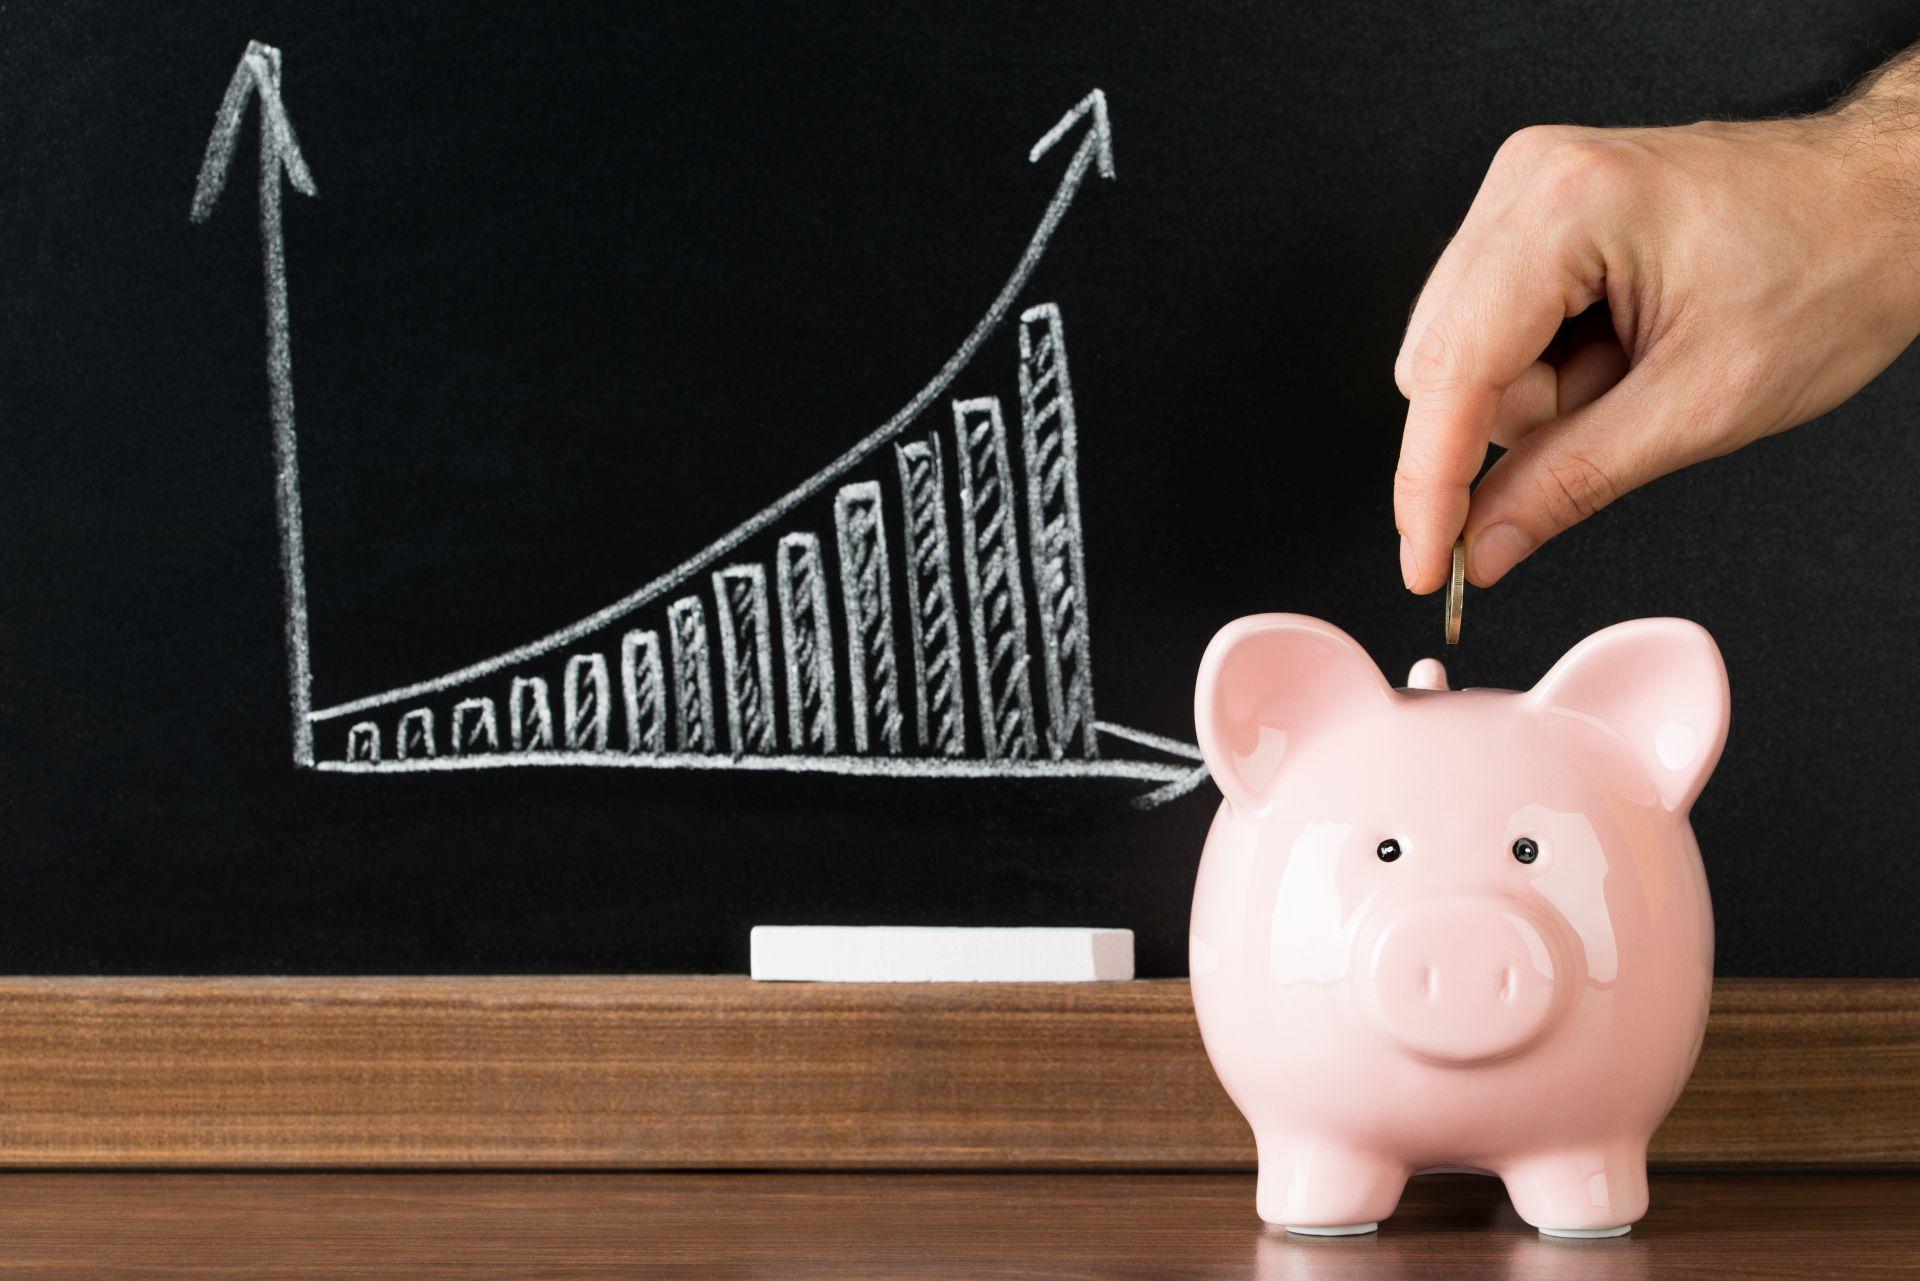 Zdjęcie przedstawia narysowane na czarnej tablicy białą kredą słupki symbolizujące wzrost, obok do różowej świnki-skarbonki ręka wrzucająca monetę